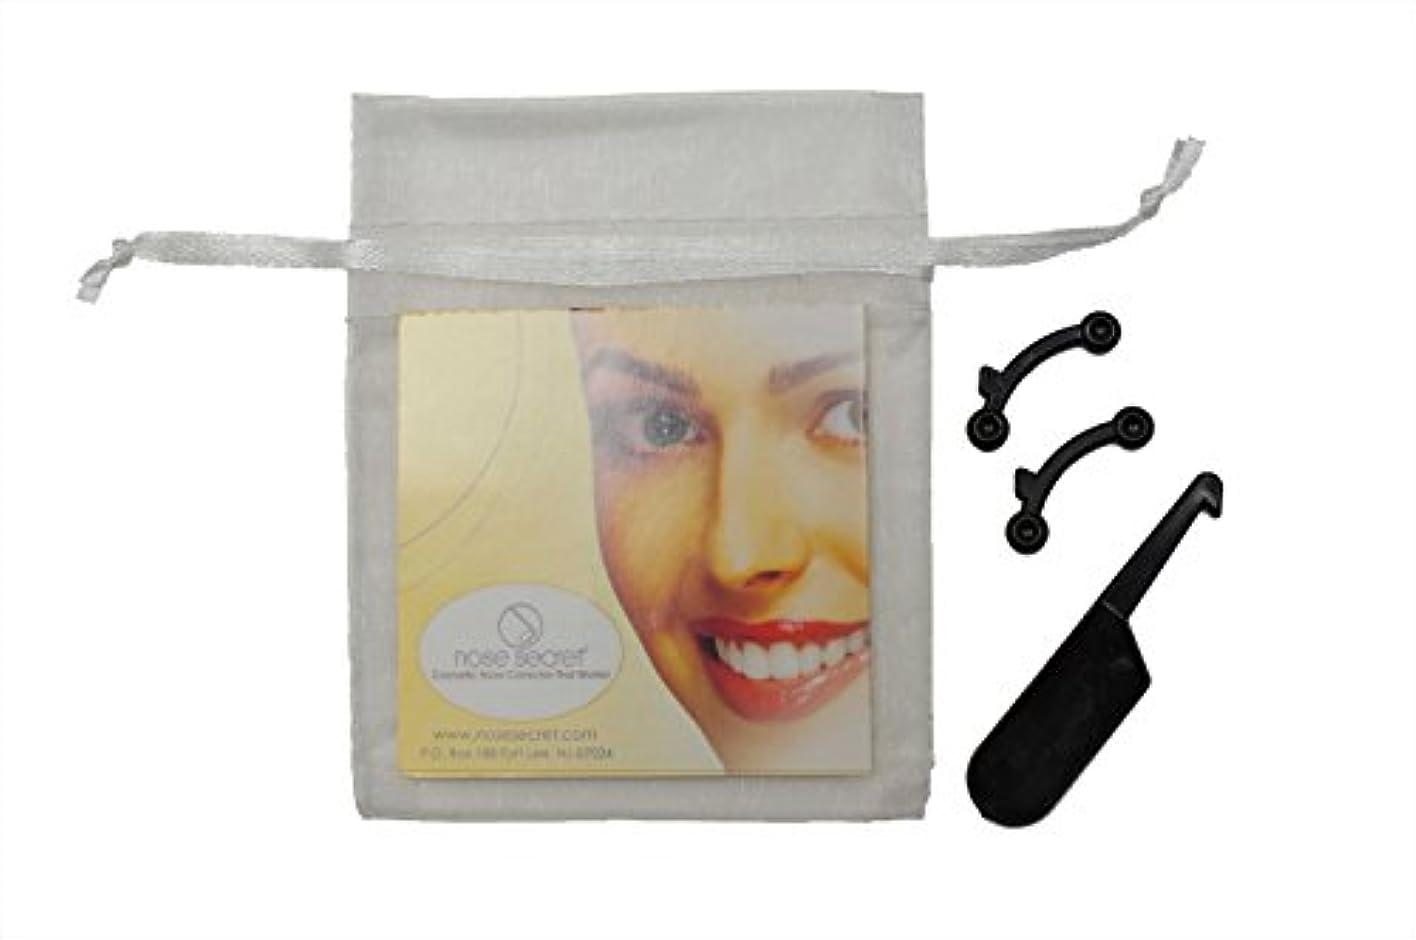 スキャンダル充電チャペルNOSE SECRET (ノーズシークレット) 鼻のアイプチ 正規品 アメリカ製 S